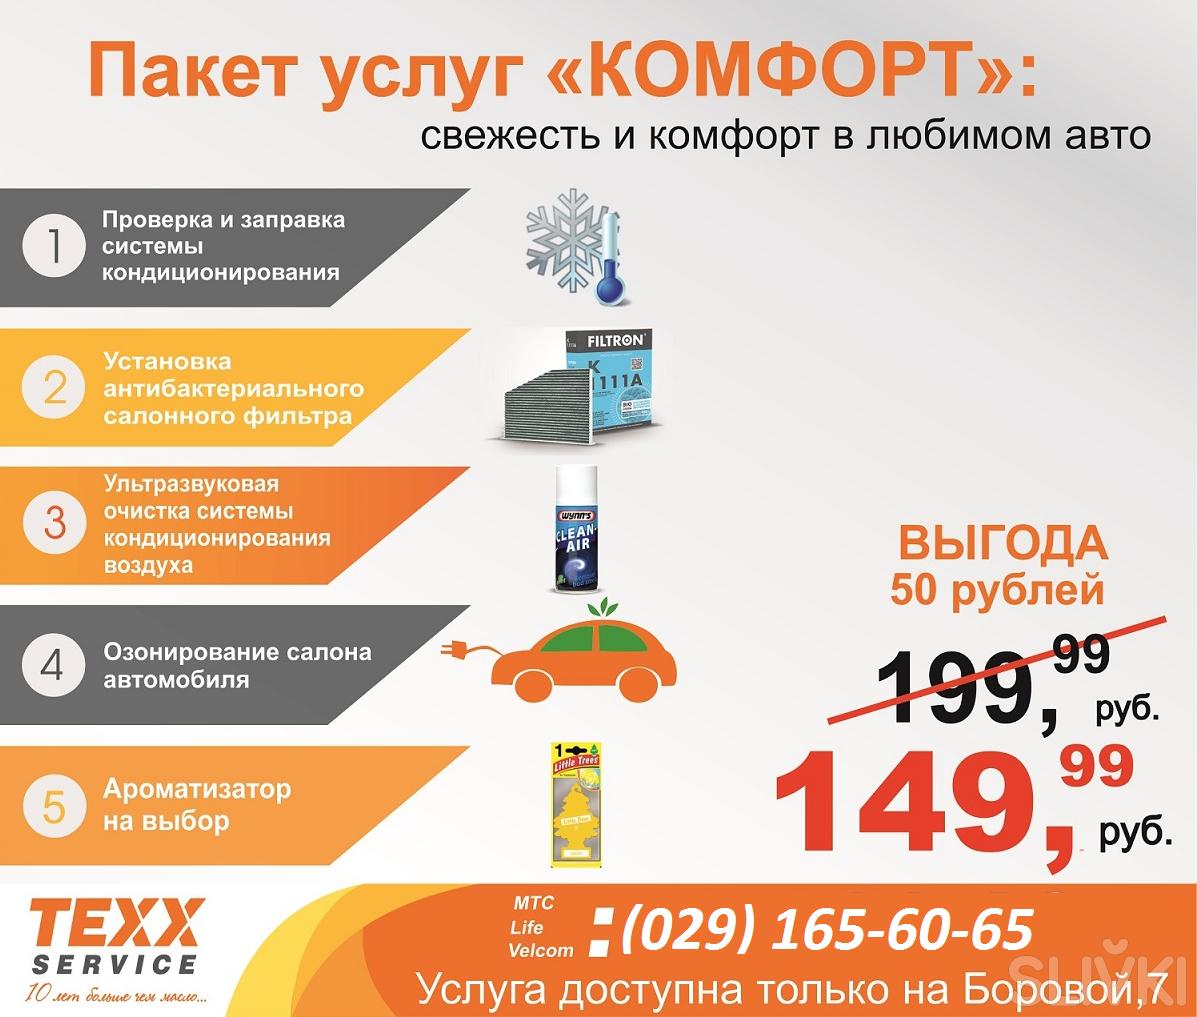 Свежесть и комфорт в любимом авто за 149,99 руб. от Texx Service